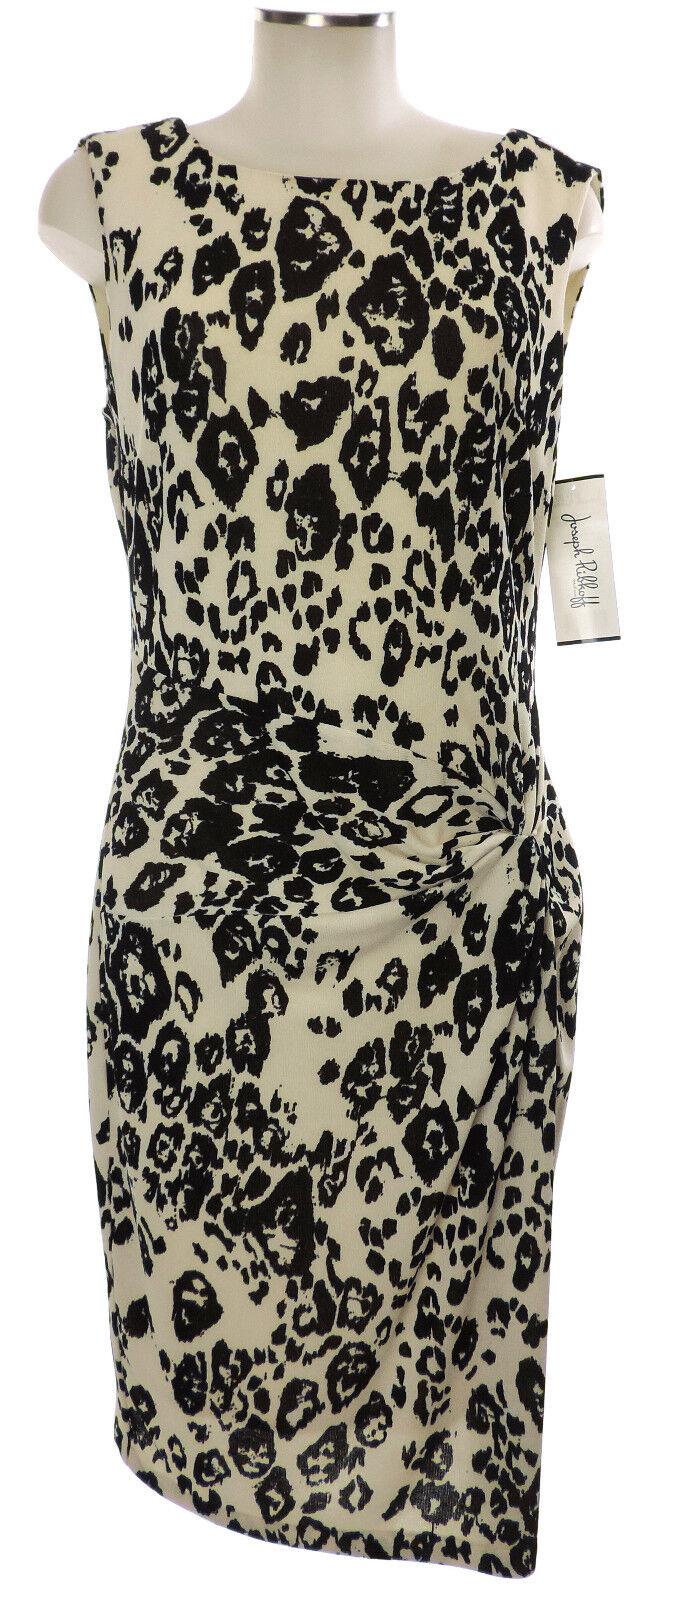 Joseph Ribkoff Kleid 42 (D) 14 schwarz weiß Strick Leomuster Polyester dress neu